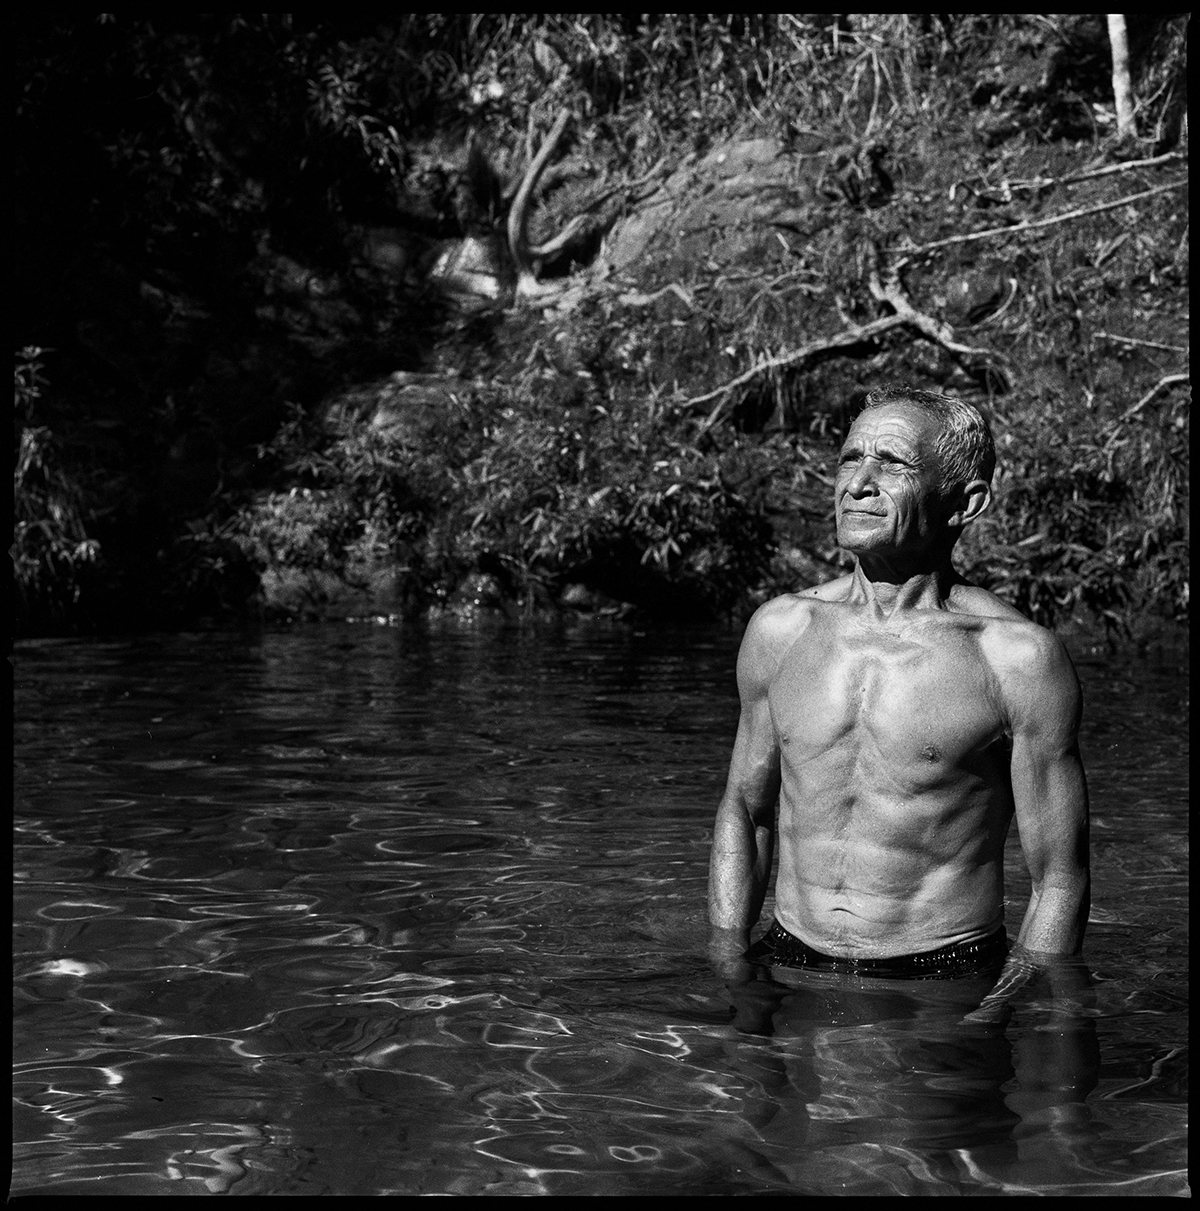 Из серии «Потреты». В начале 1970-х годов Йозас «Джонас» Гонсалес был партизаном. Фотография сделана в регионе Арагуая, где он сражался против армии Бразилии.